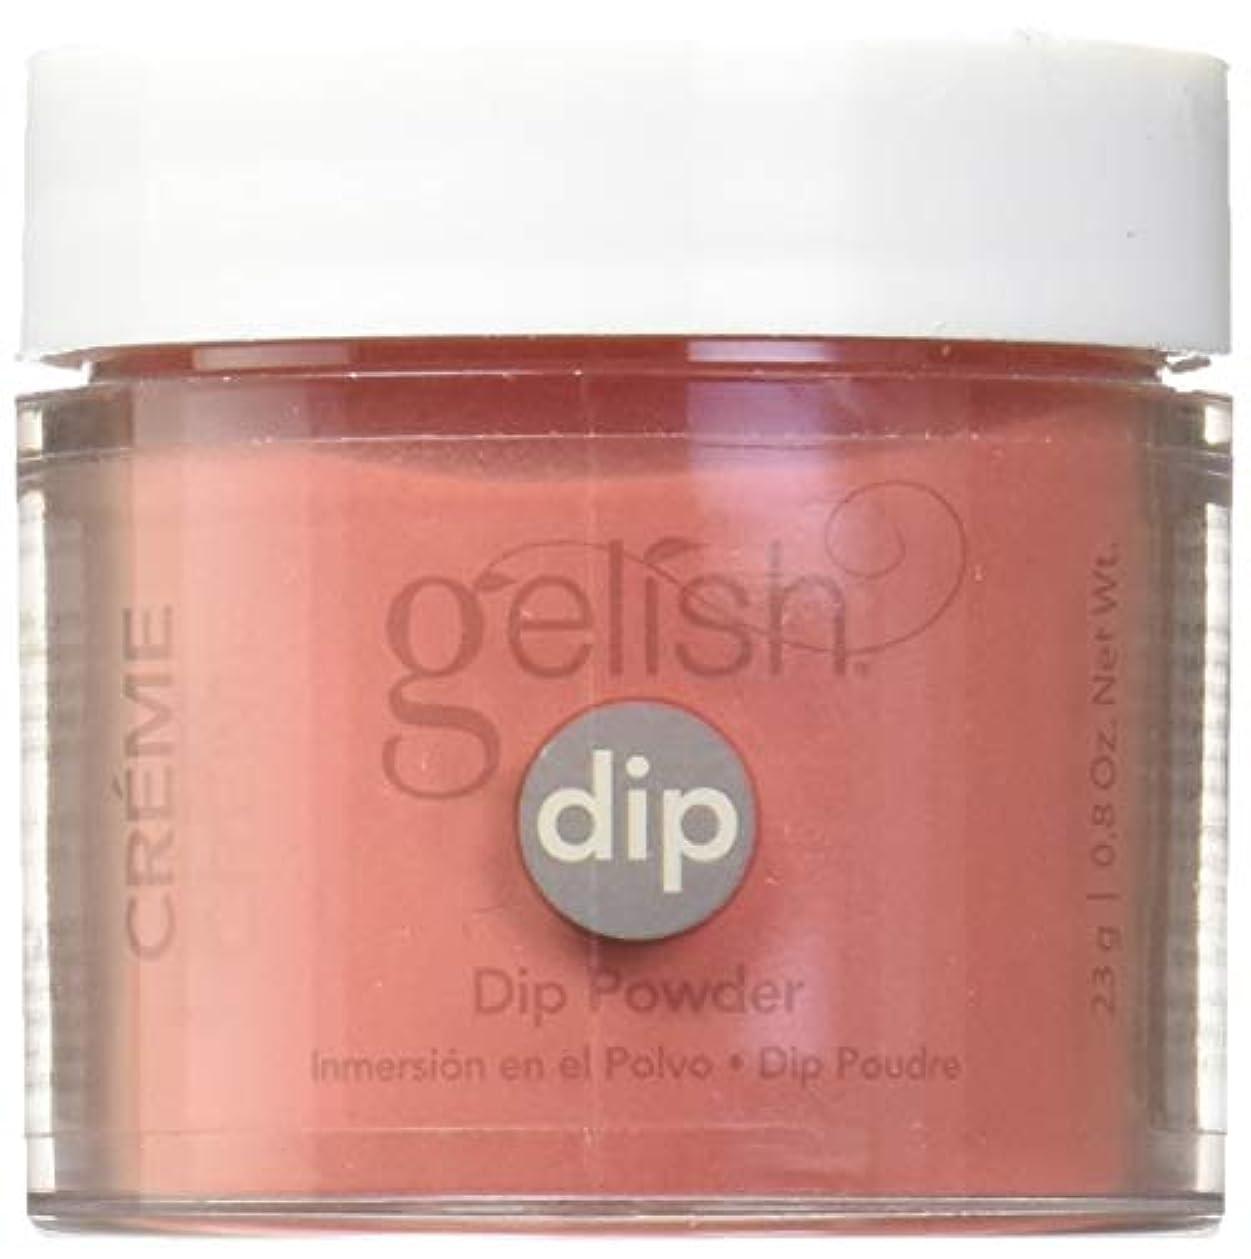 出席シルク絶え間ないHarmony Gelish - Acrylic Dip Powder - Fire Cracker - 23g / 0.8oz